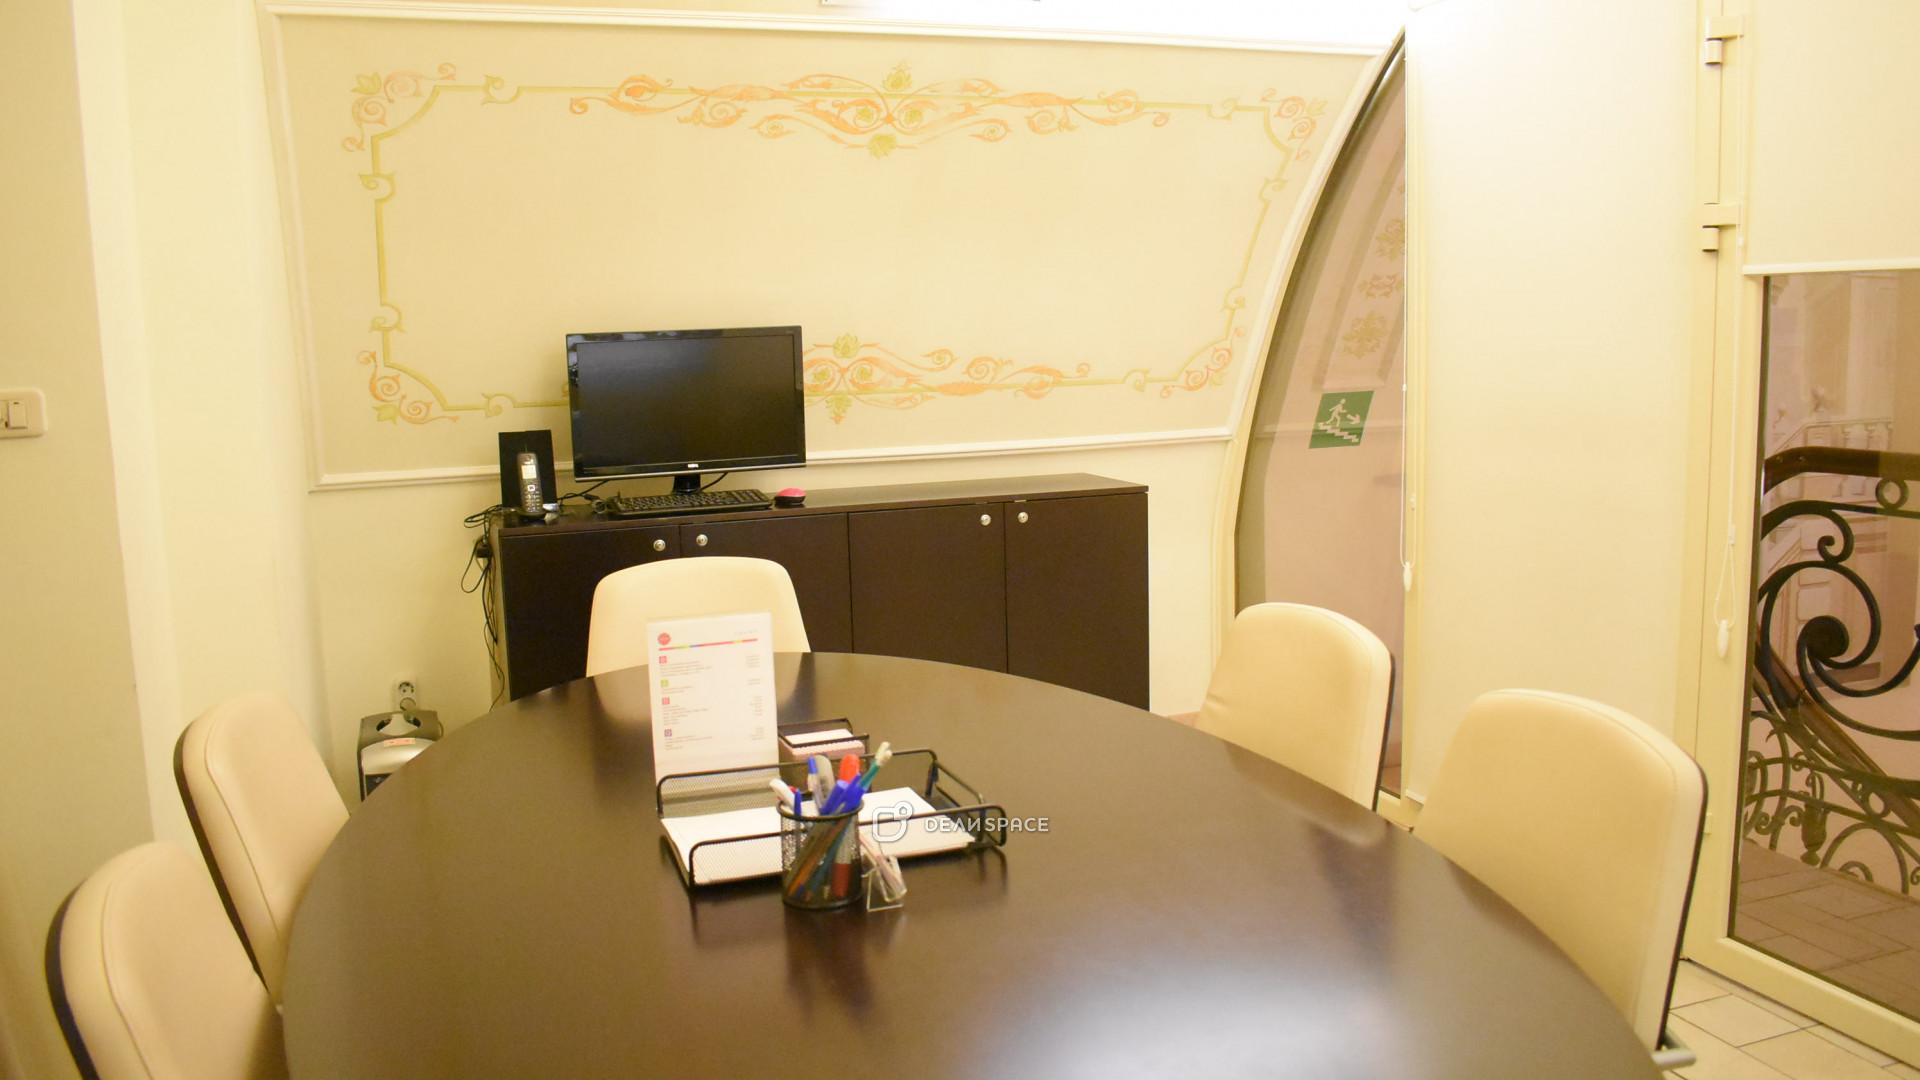 Переговорная комната на 6 человек - фото №3